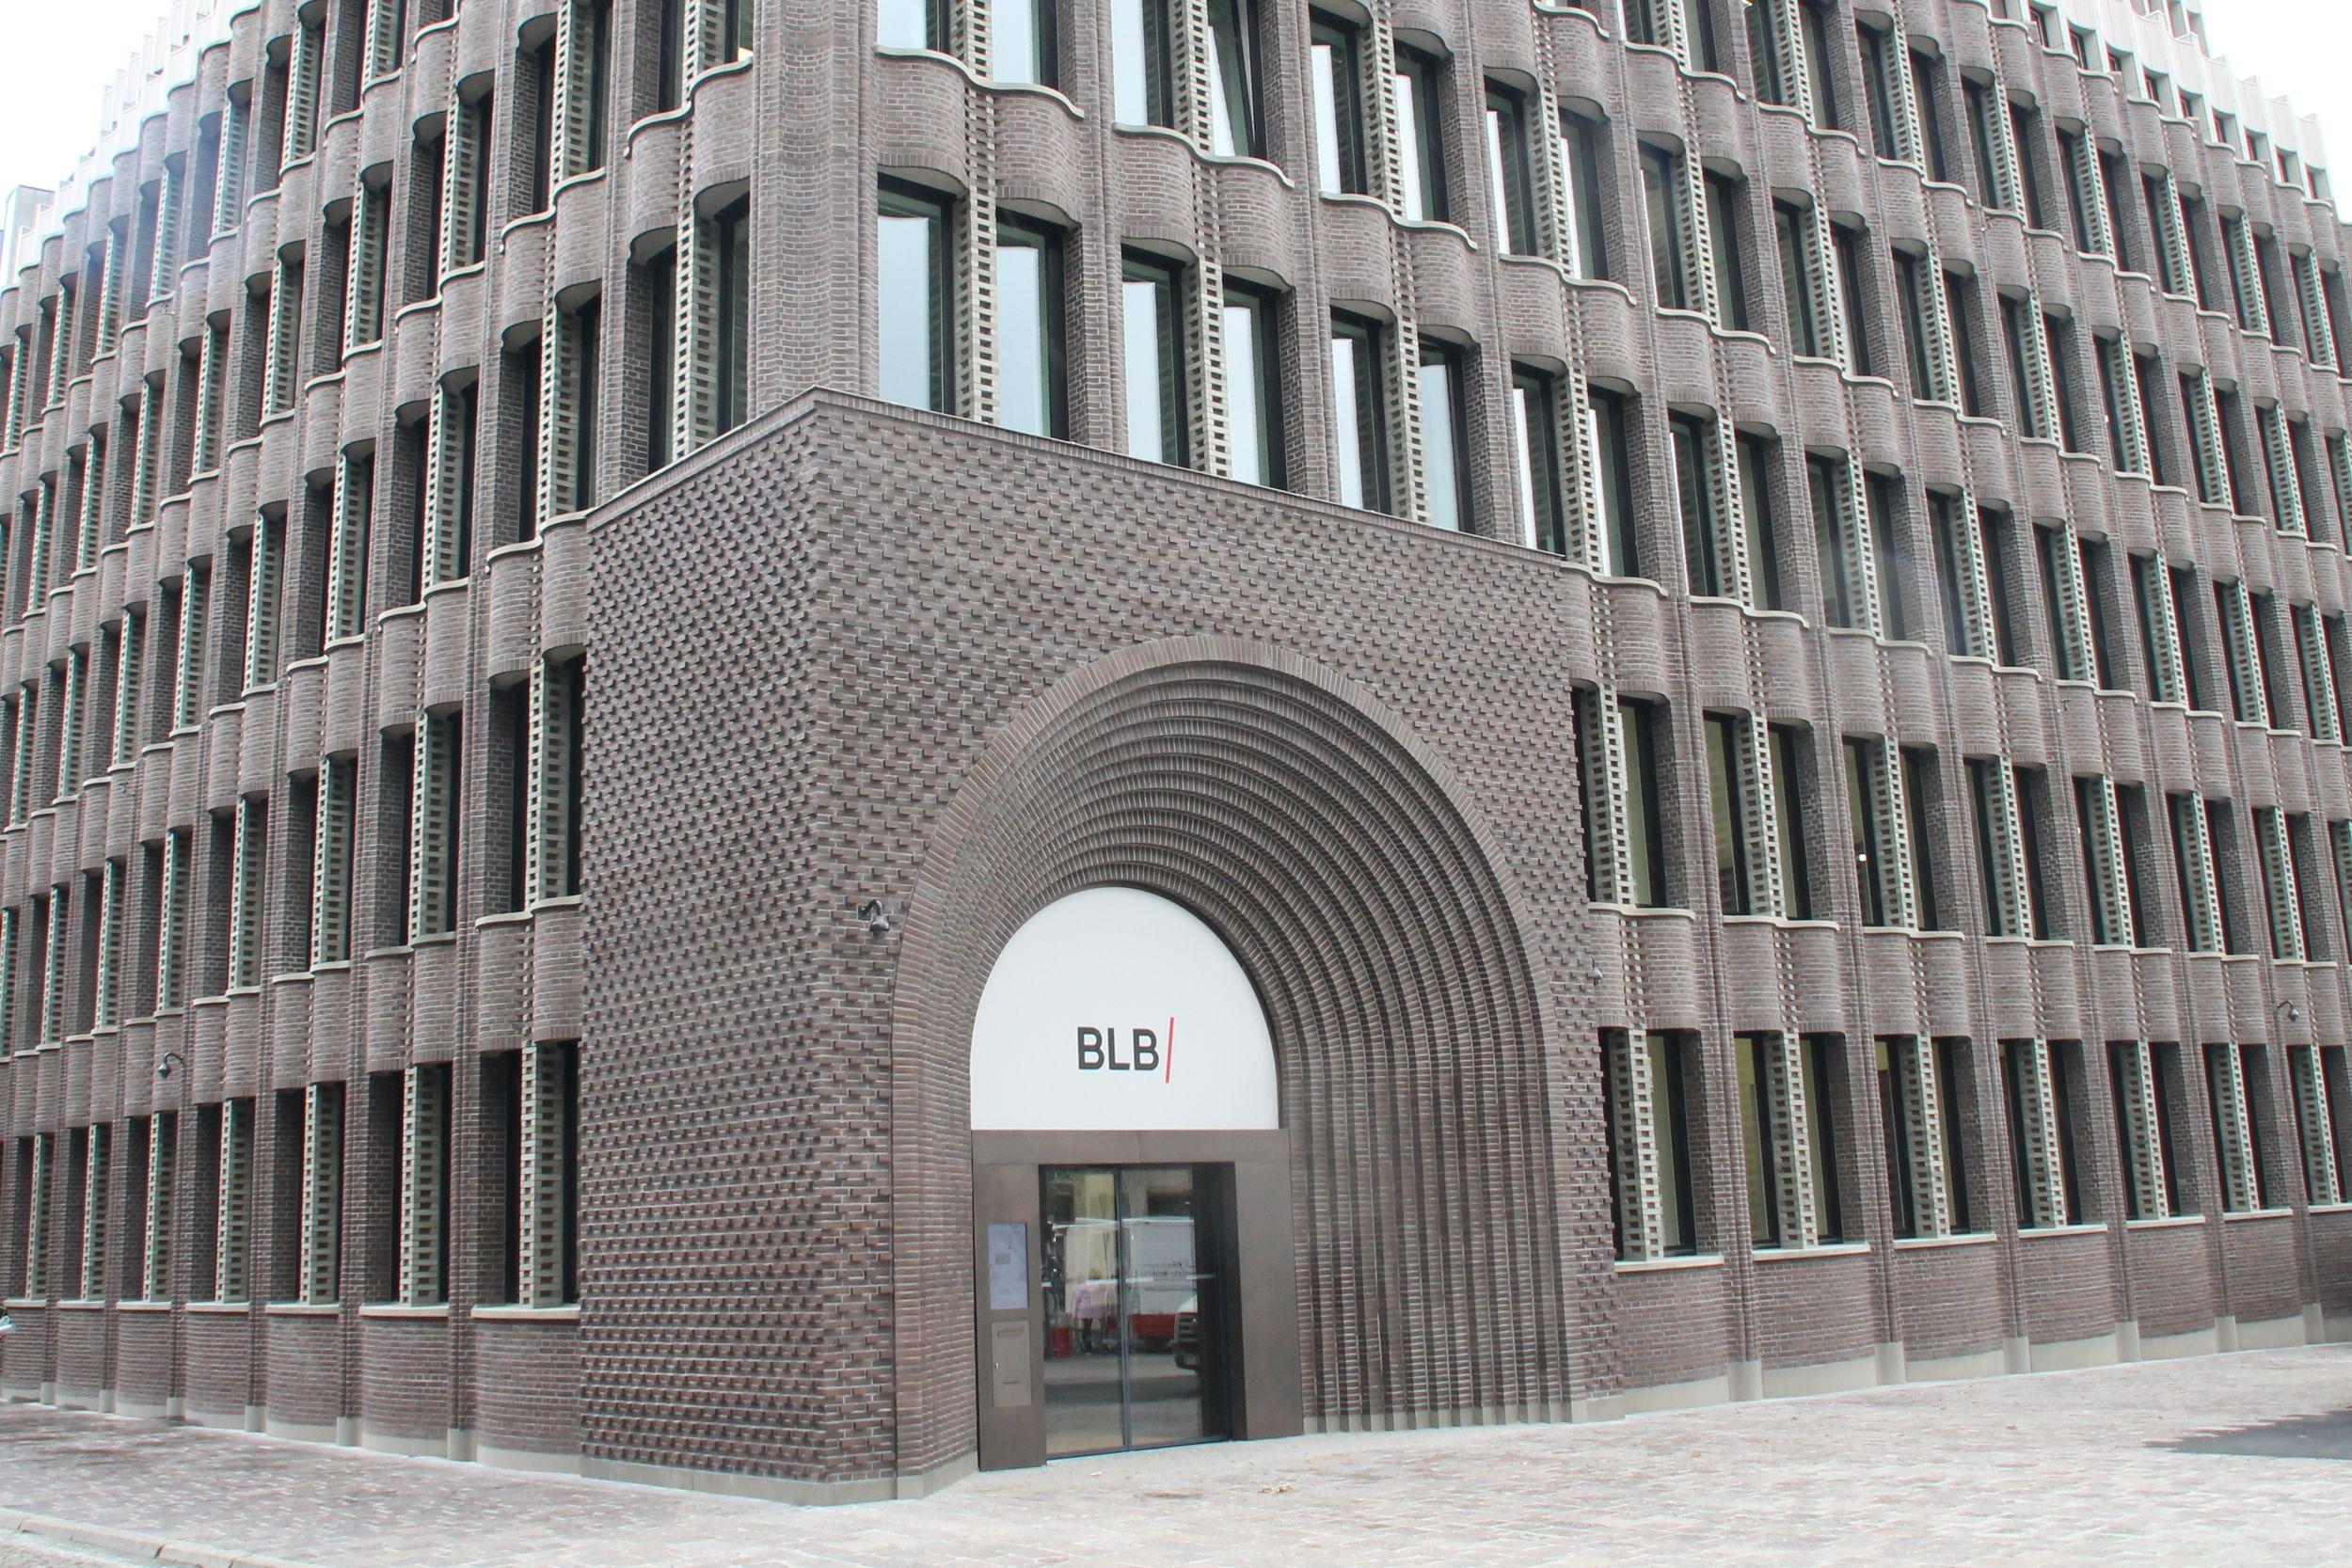 Architekturbüro Bremen bundesweiter tag der architektur in bremen können sechzehn aktuelle